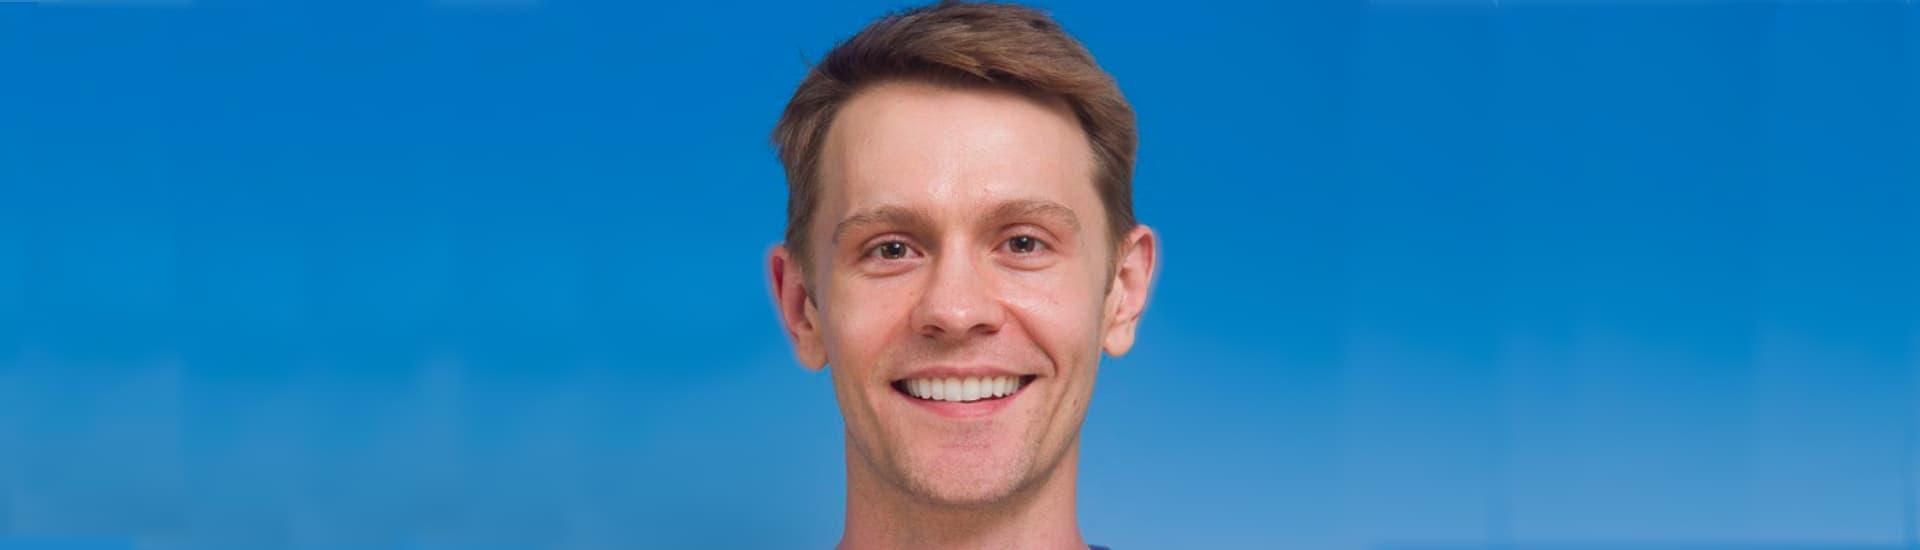 Smiling-Portrait-Man